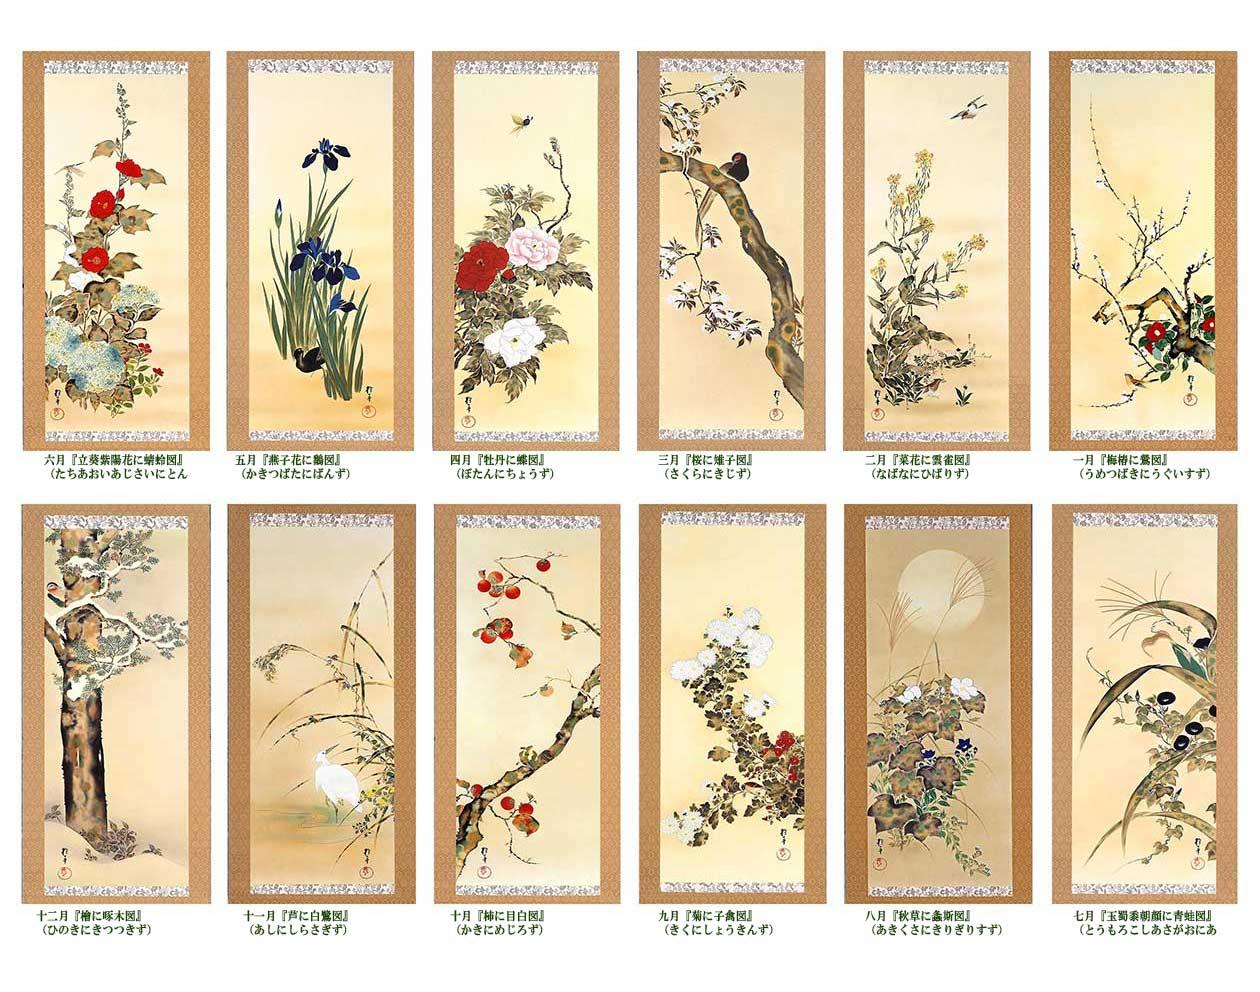 酒井抱一 花鳥十二ヶ月図 複製 掛軸 額装コレクション